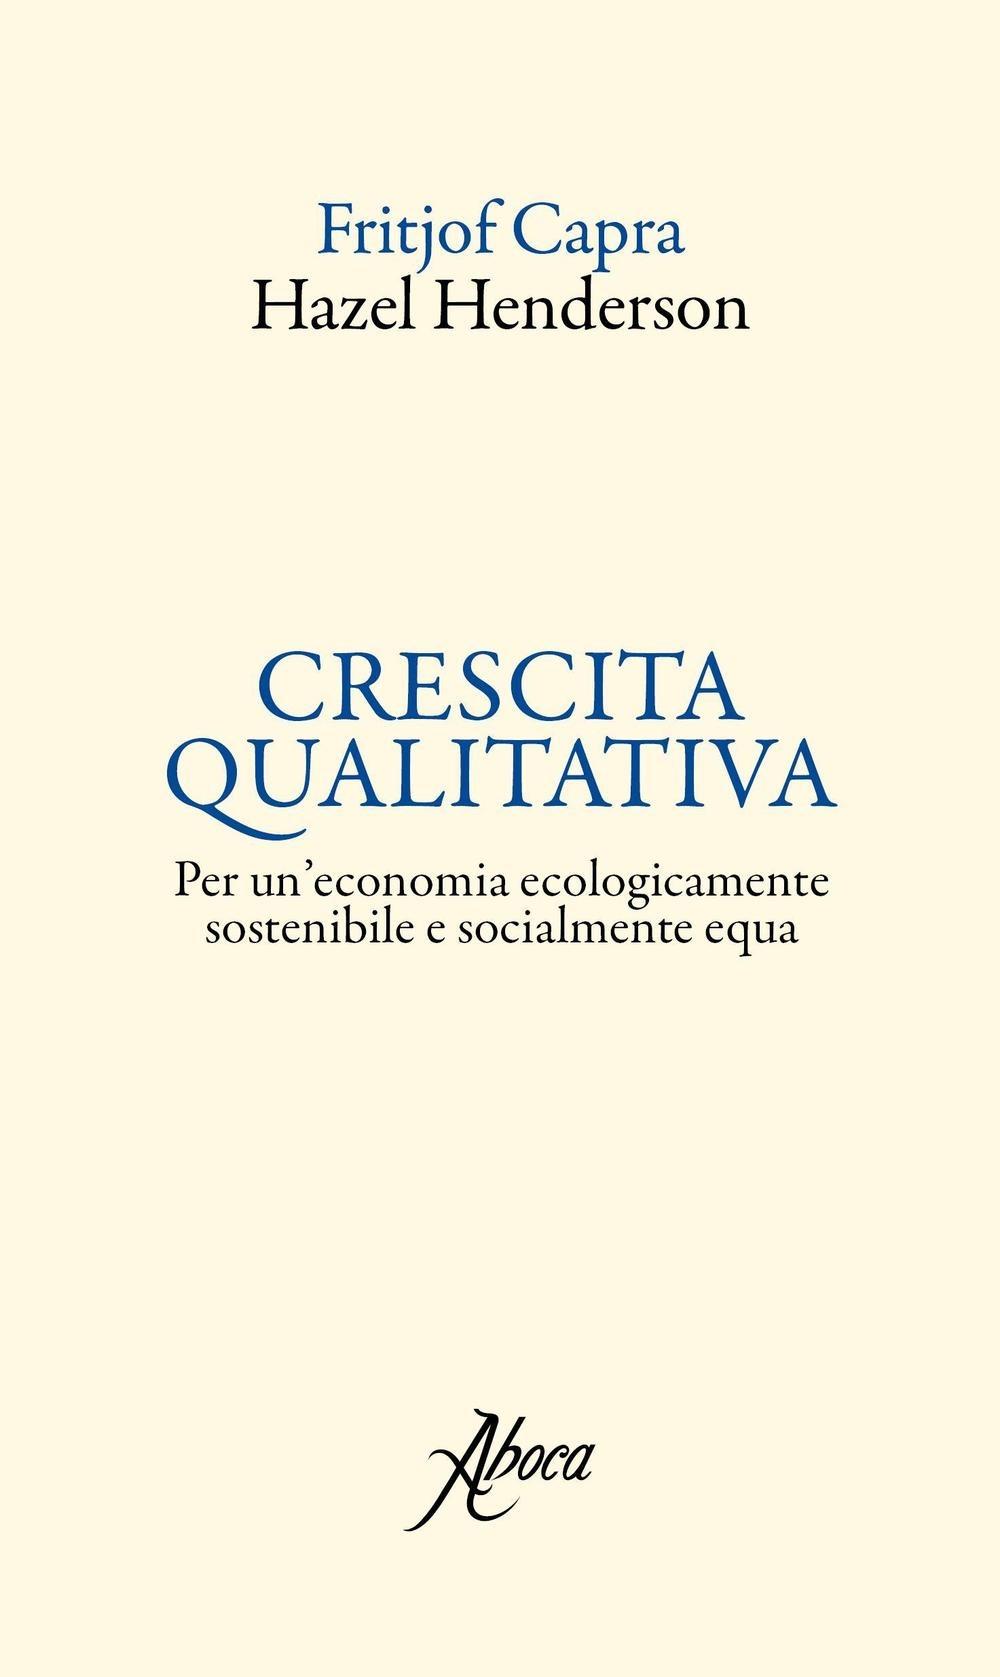 Image of Crescita qualitativa. Per un'economia ecologicamente sostenibile e..